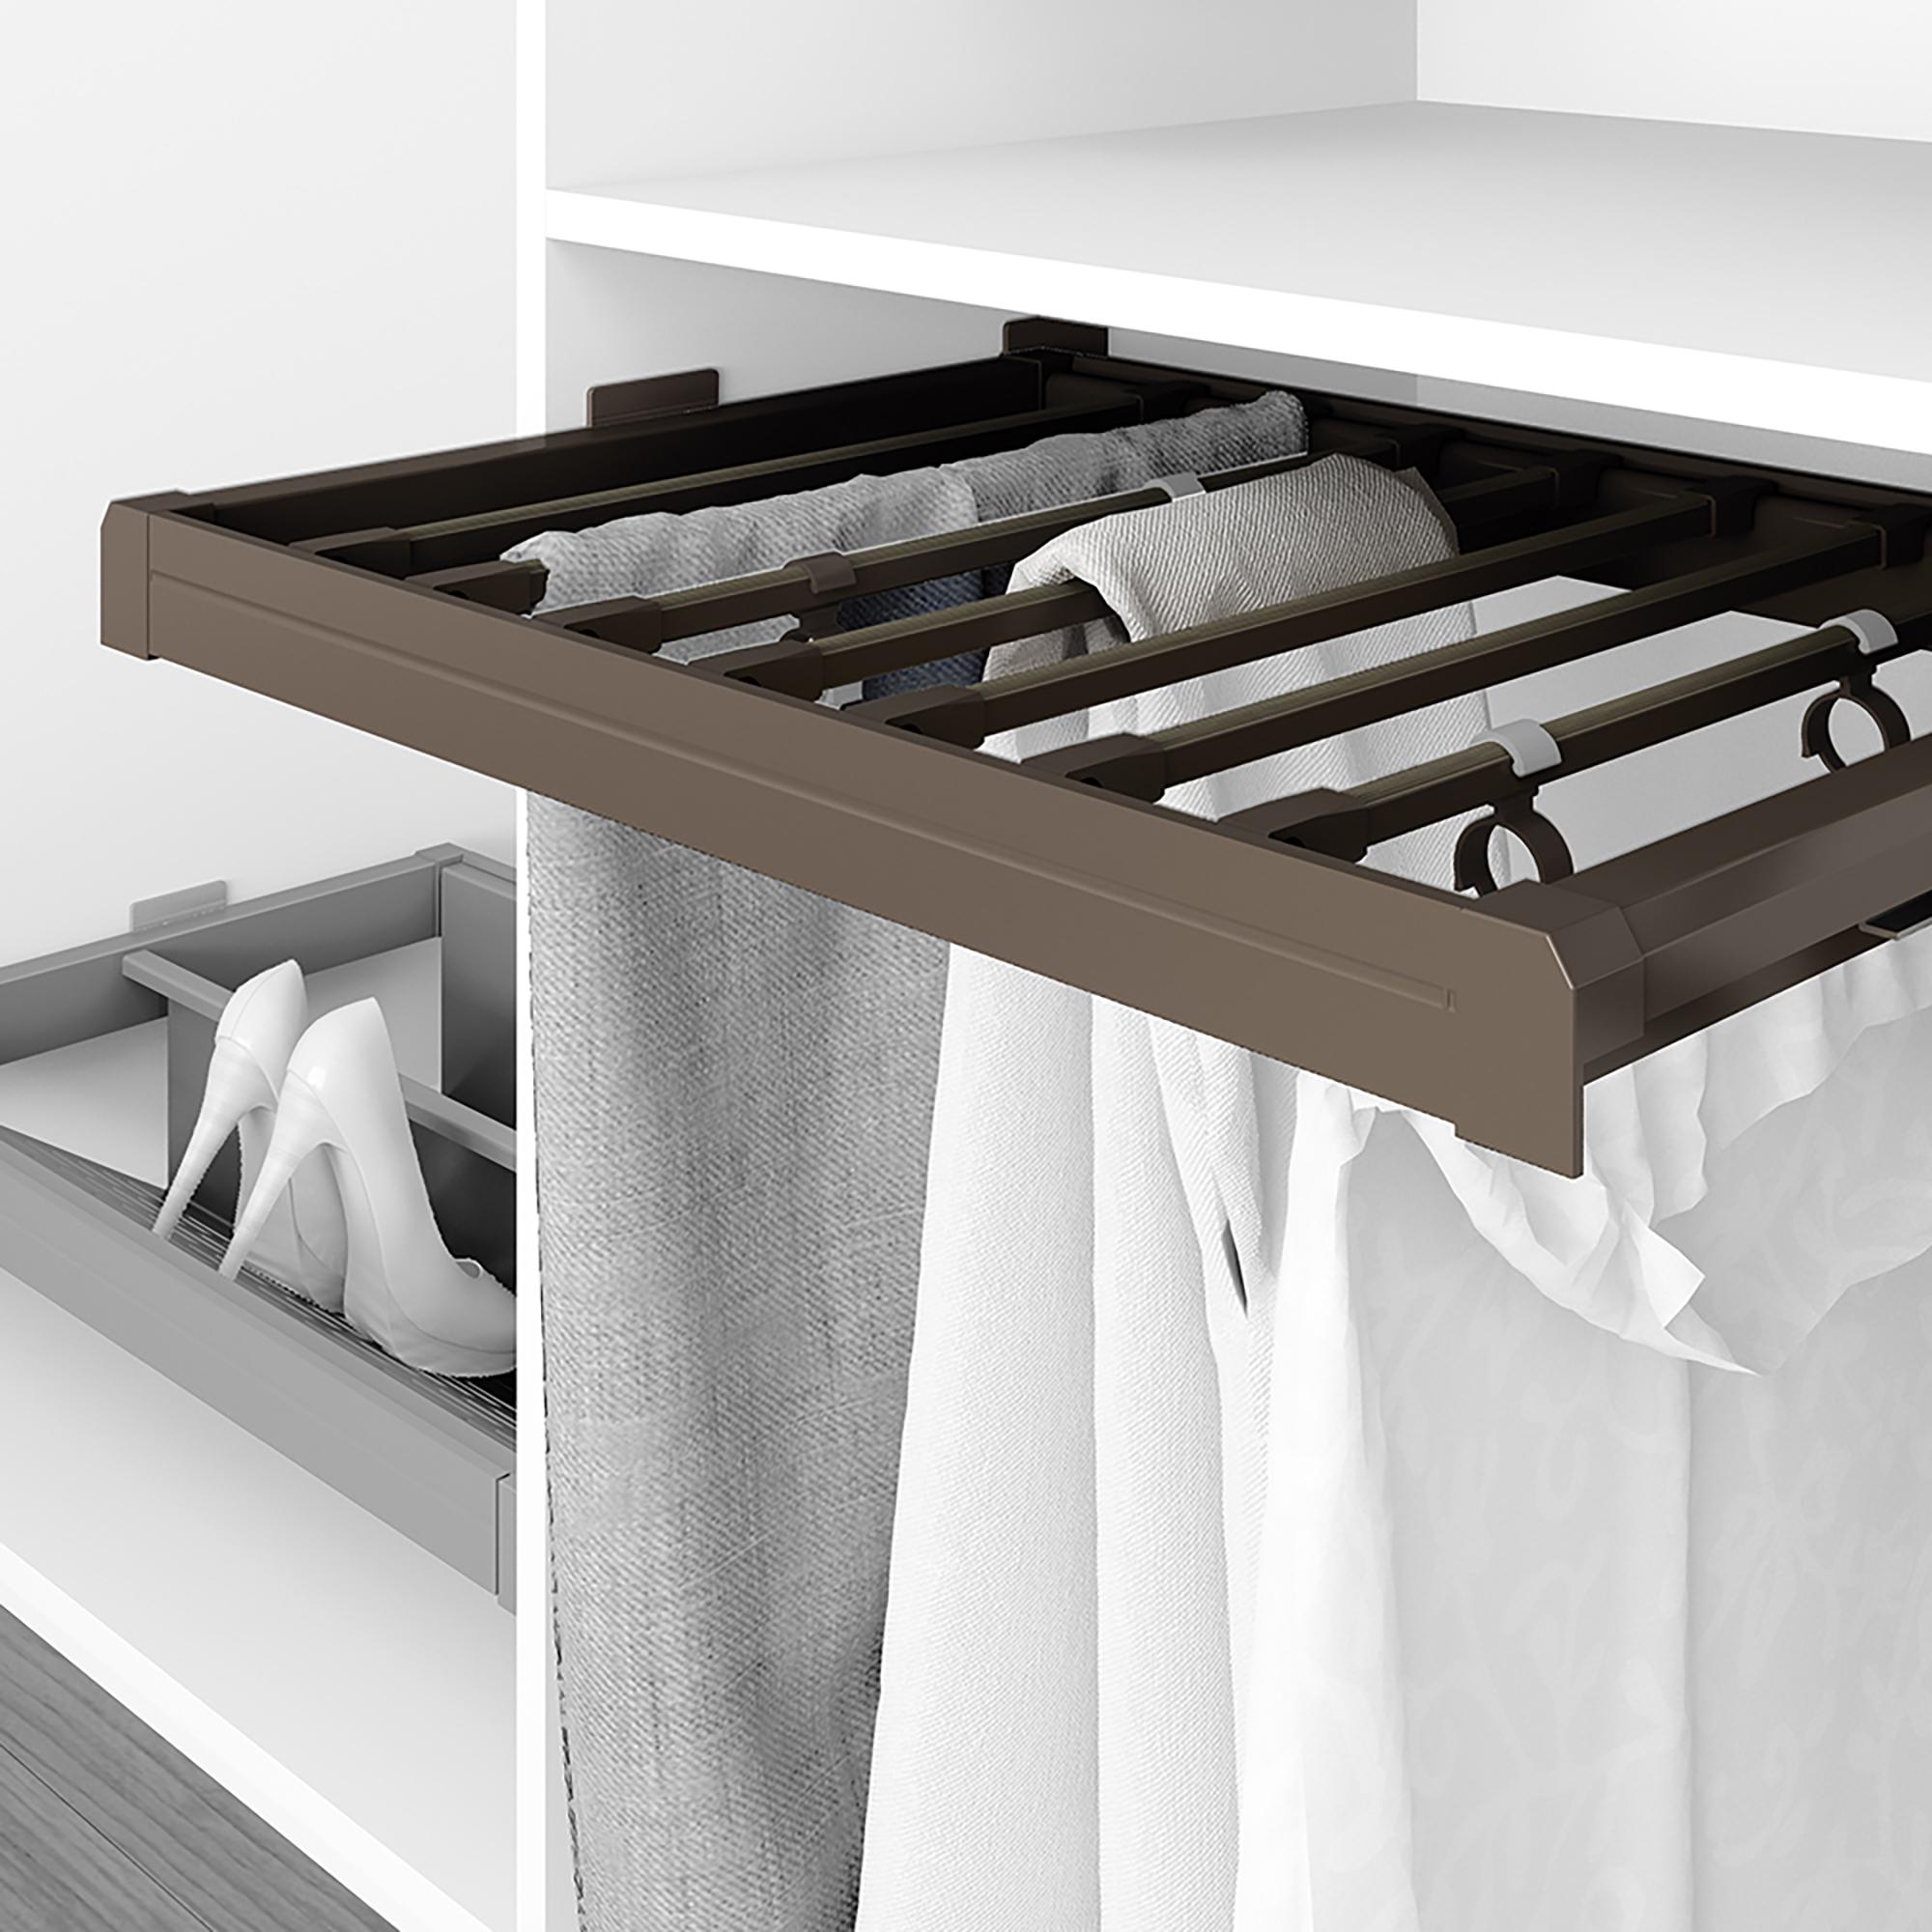 Emuca Porta pantaloni estraibile, regolabile, modulo di 800 mm, 7 grucce, Alluminio e Acciaio, Color moka